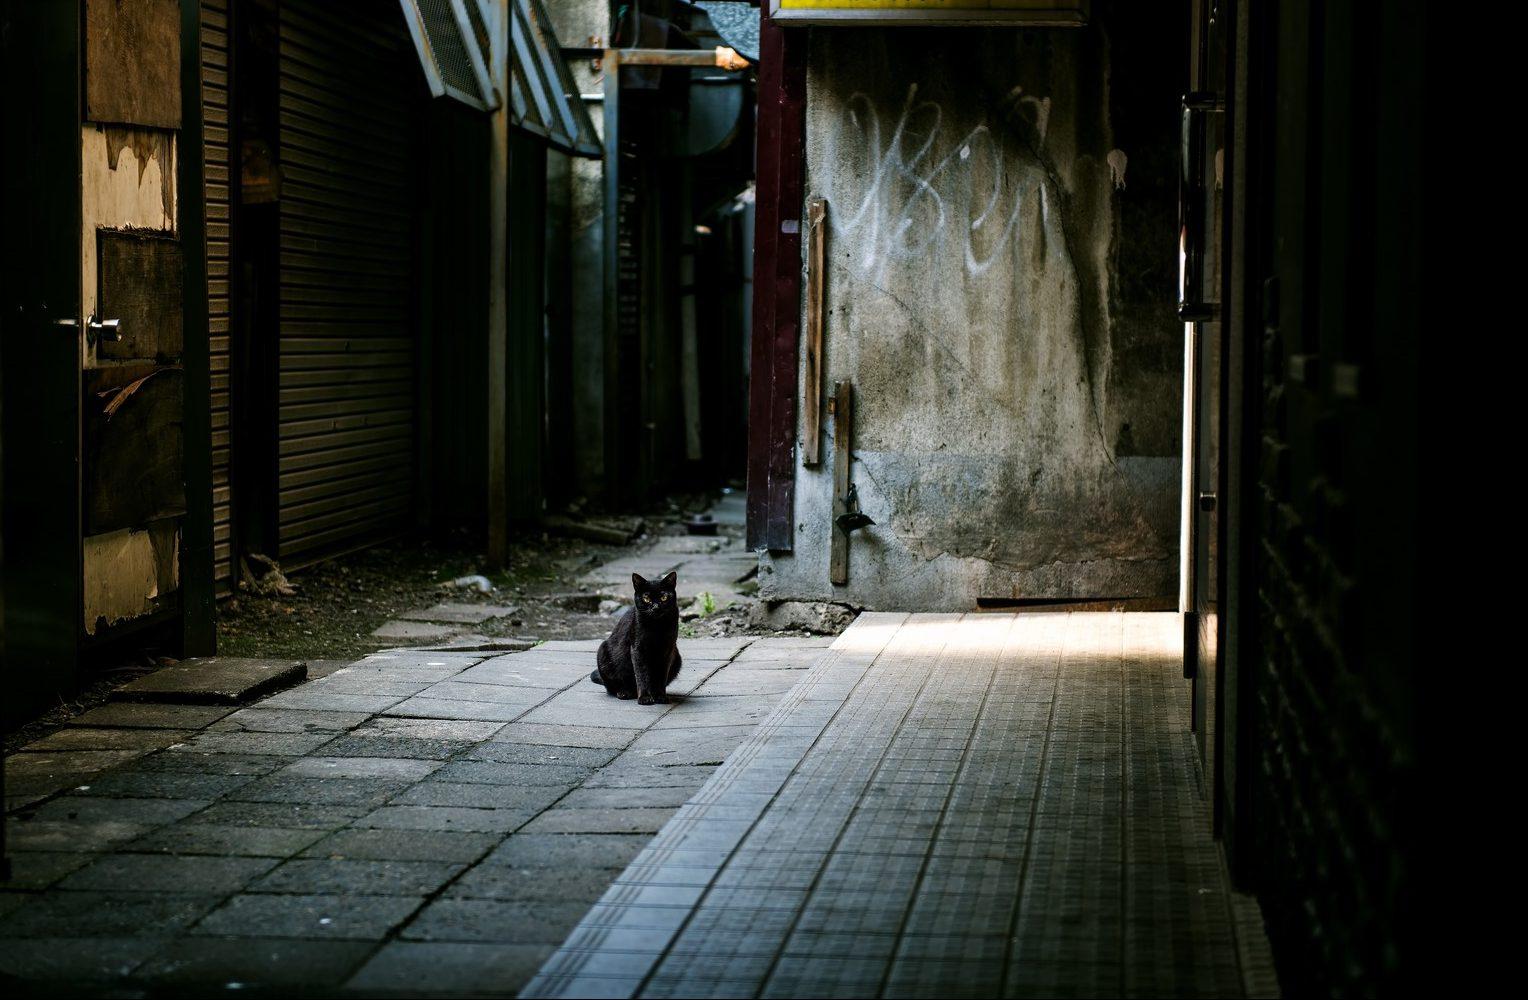 路地の占い師に占ってもらったのは不思議な体験だった Photo By ぱくたそ